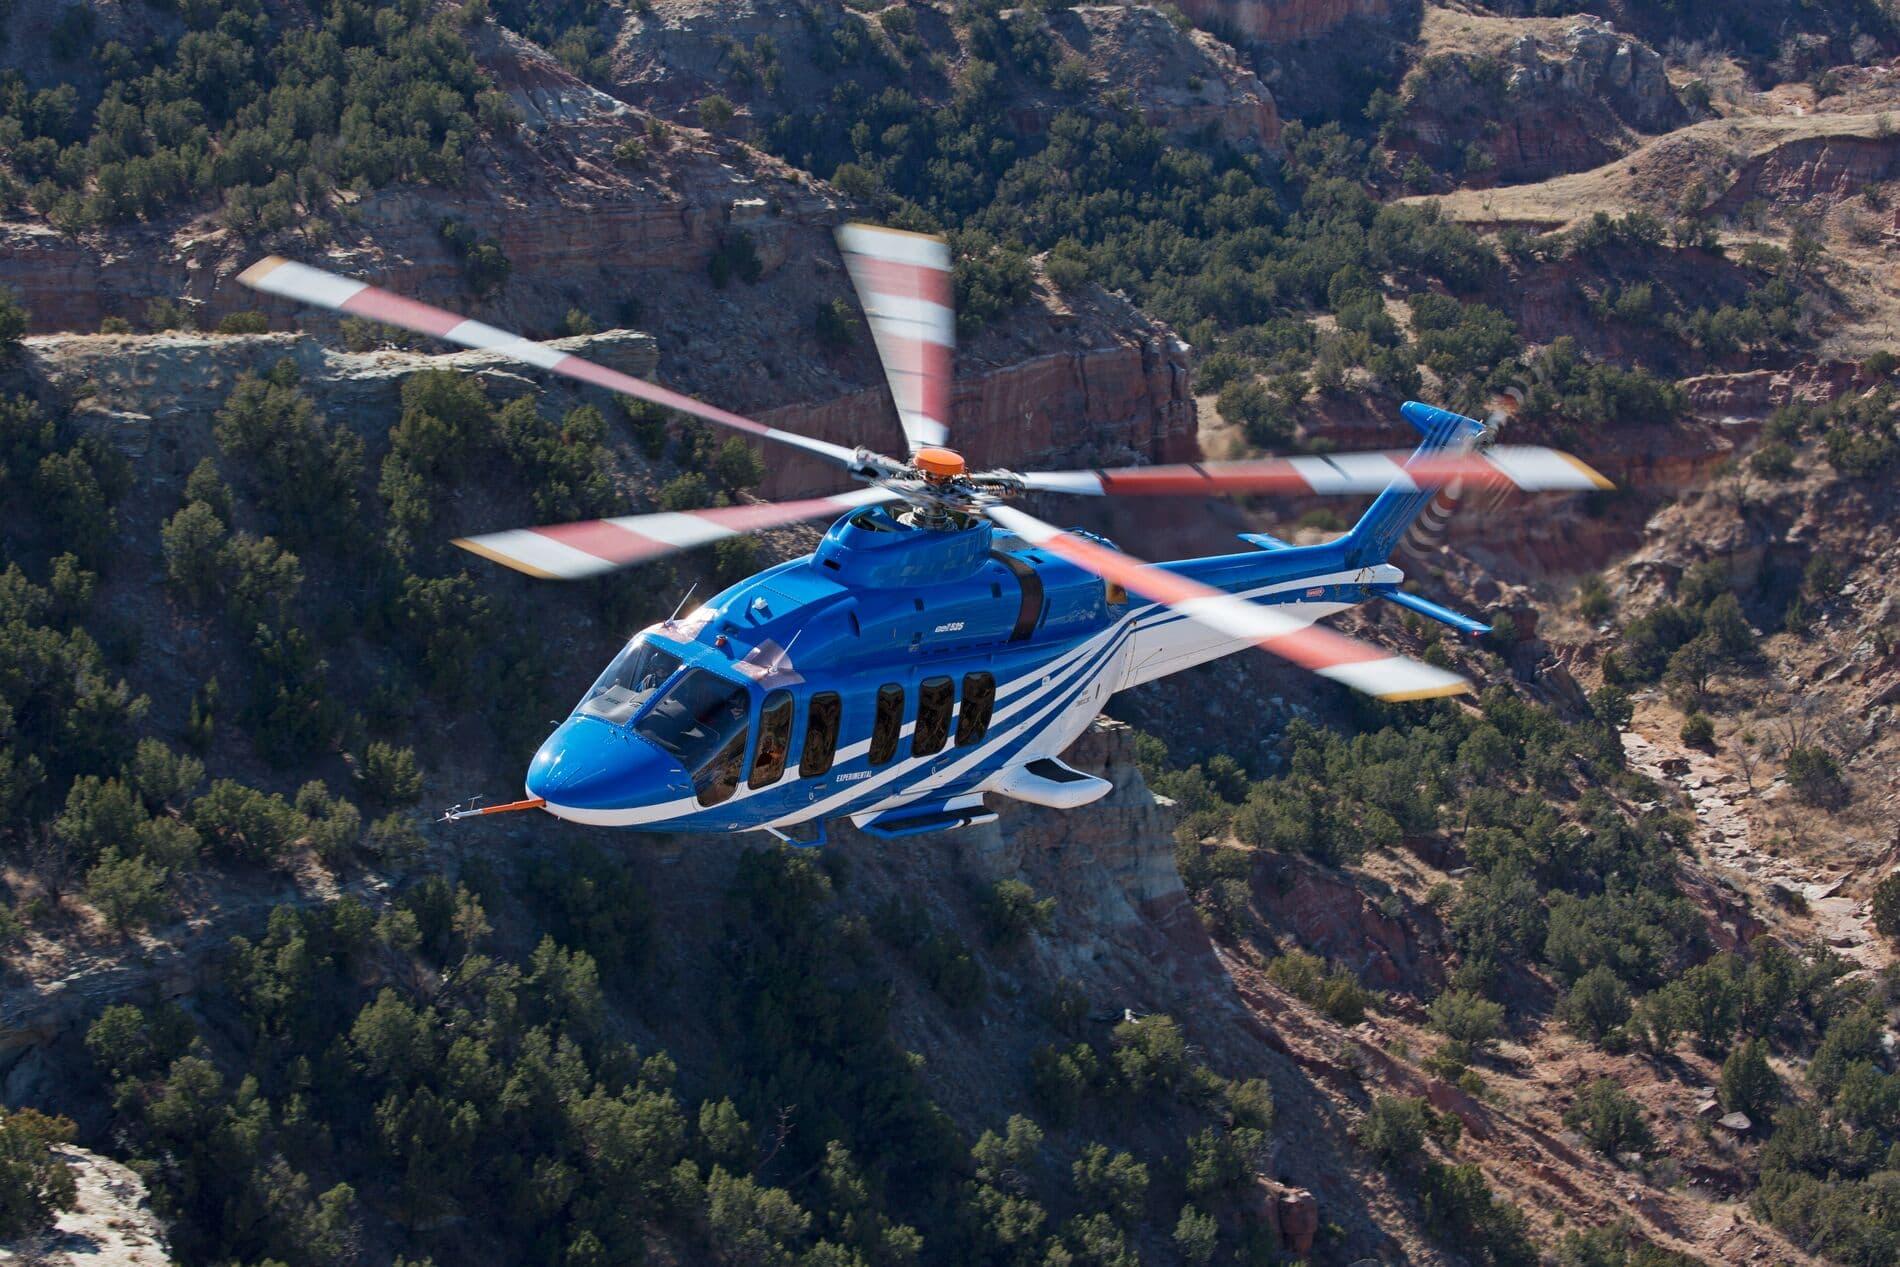 Bell 525 en vuelo sobre montañas verdes del desierto